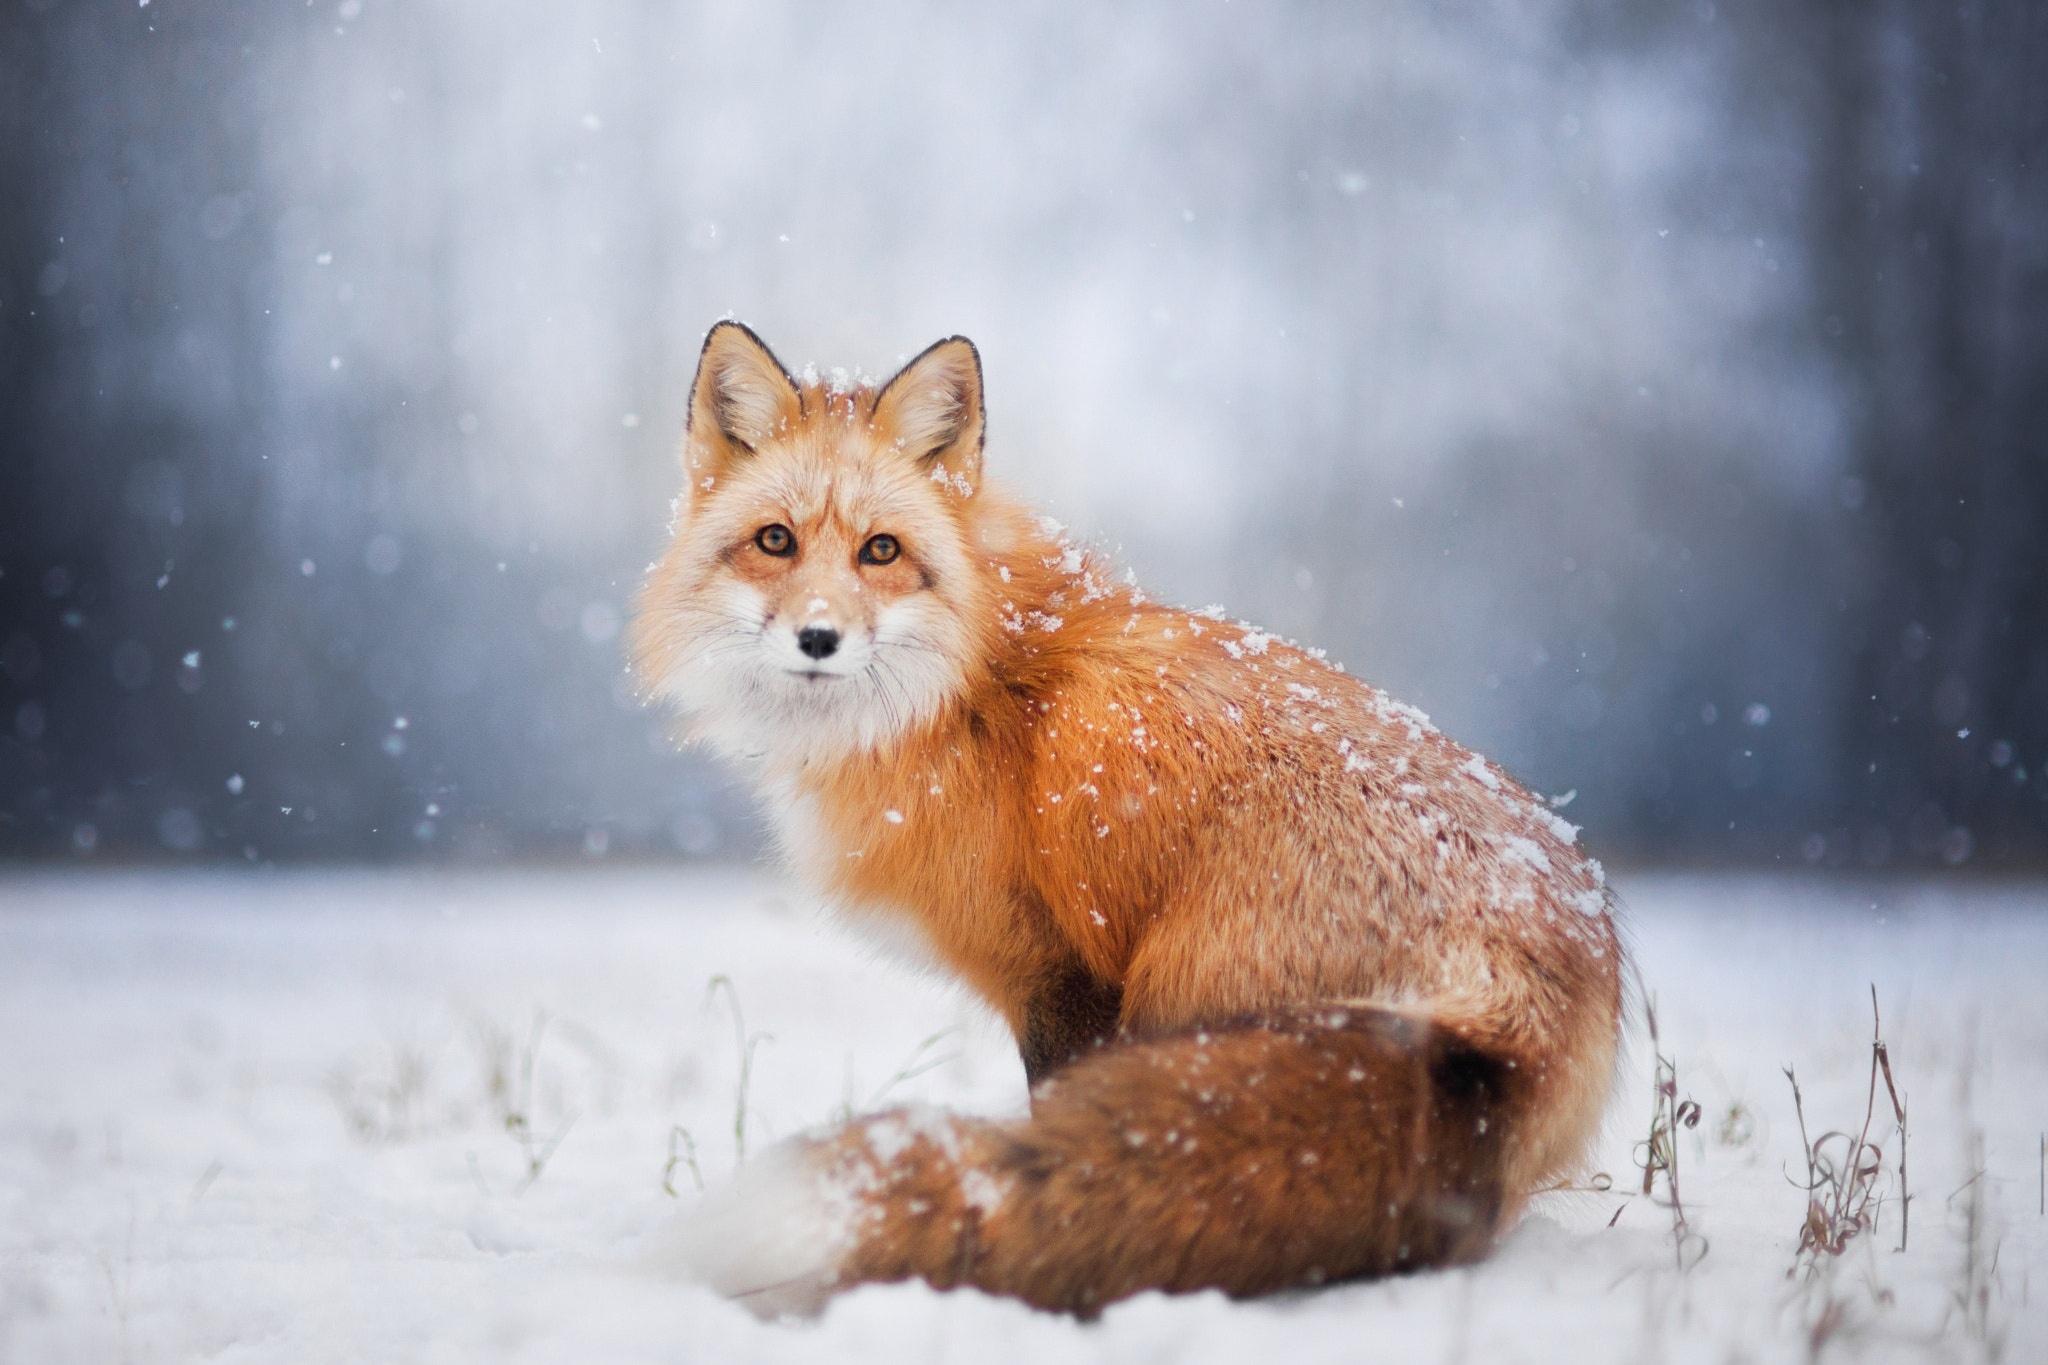 Фото лисы качественное #5